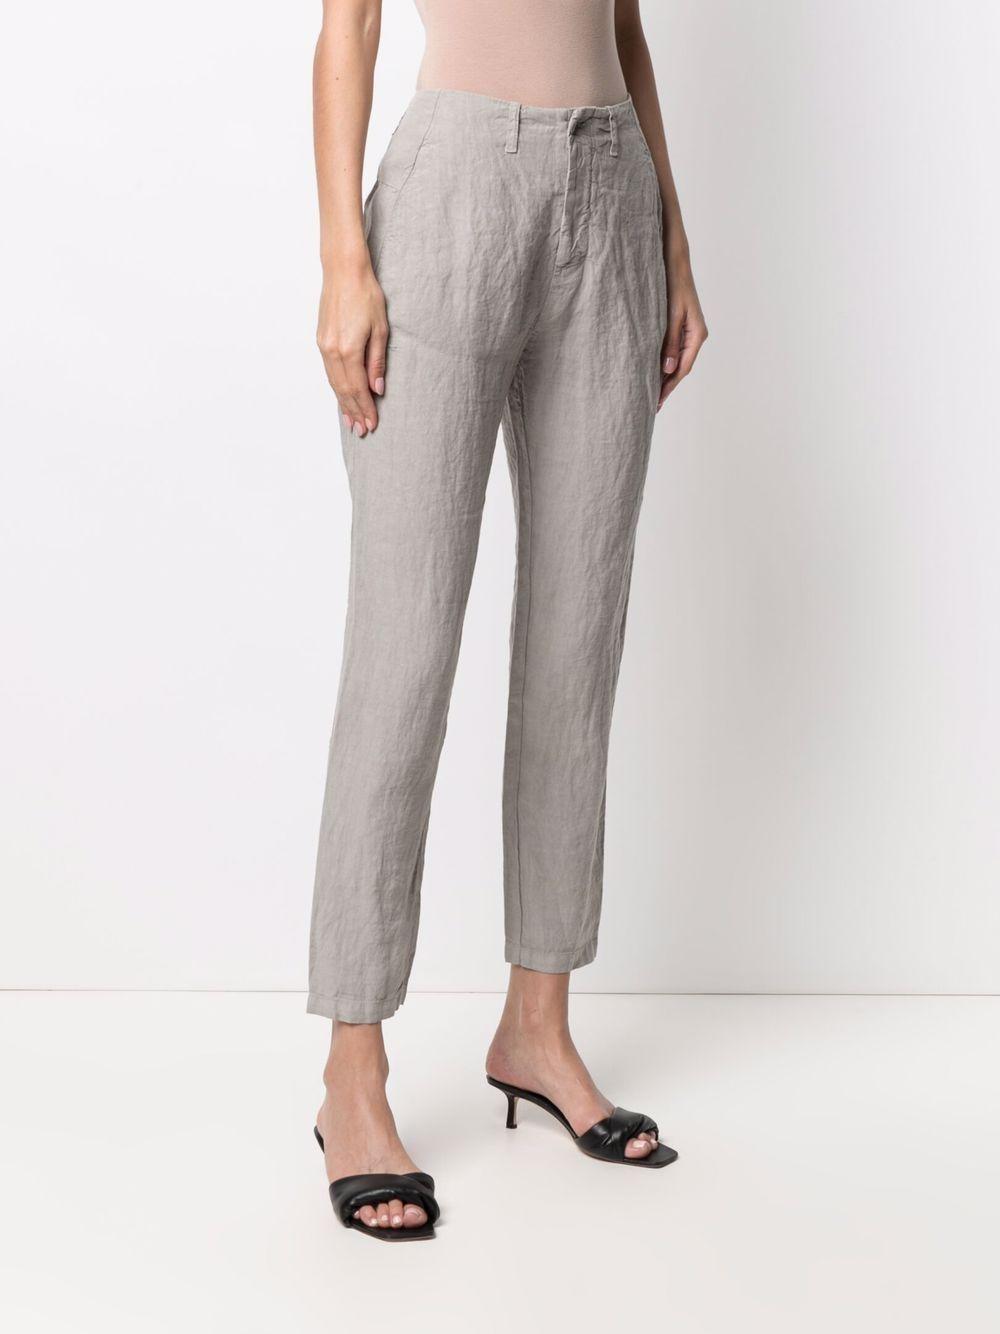 Pantaloni cropped in lino grigio con finitura stropicciata TRANSIT | Pantaloni | CFDTRN-E14311